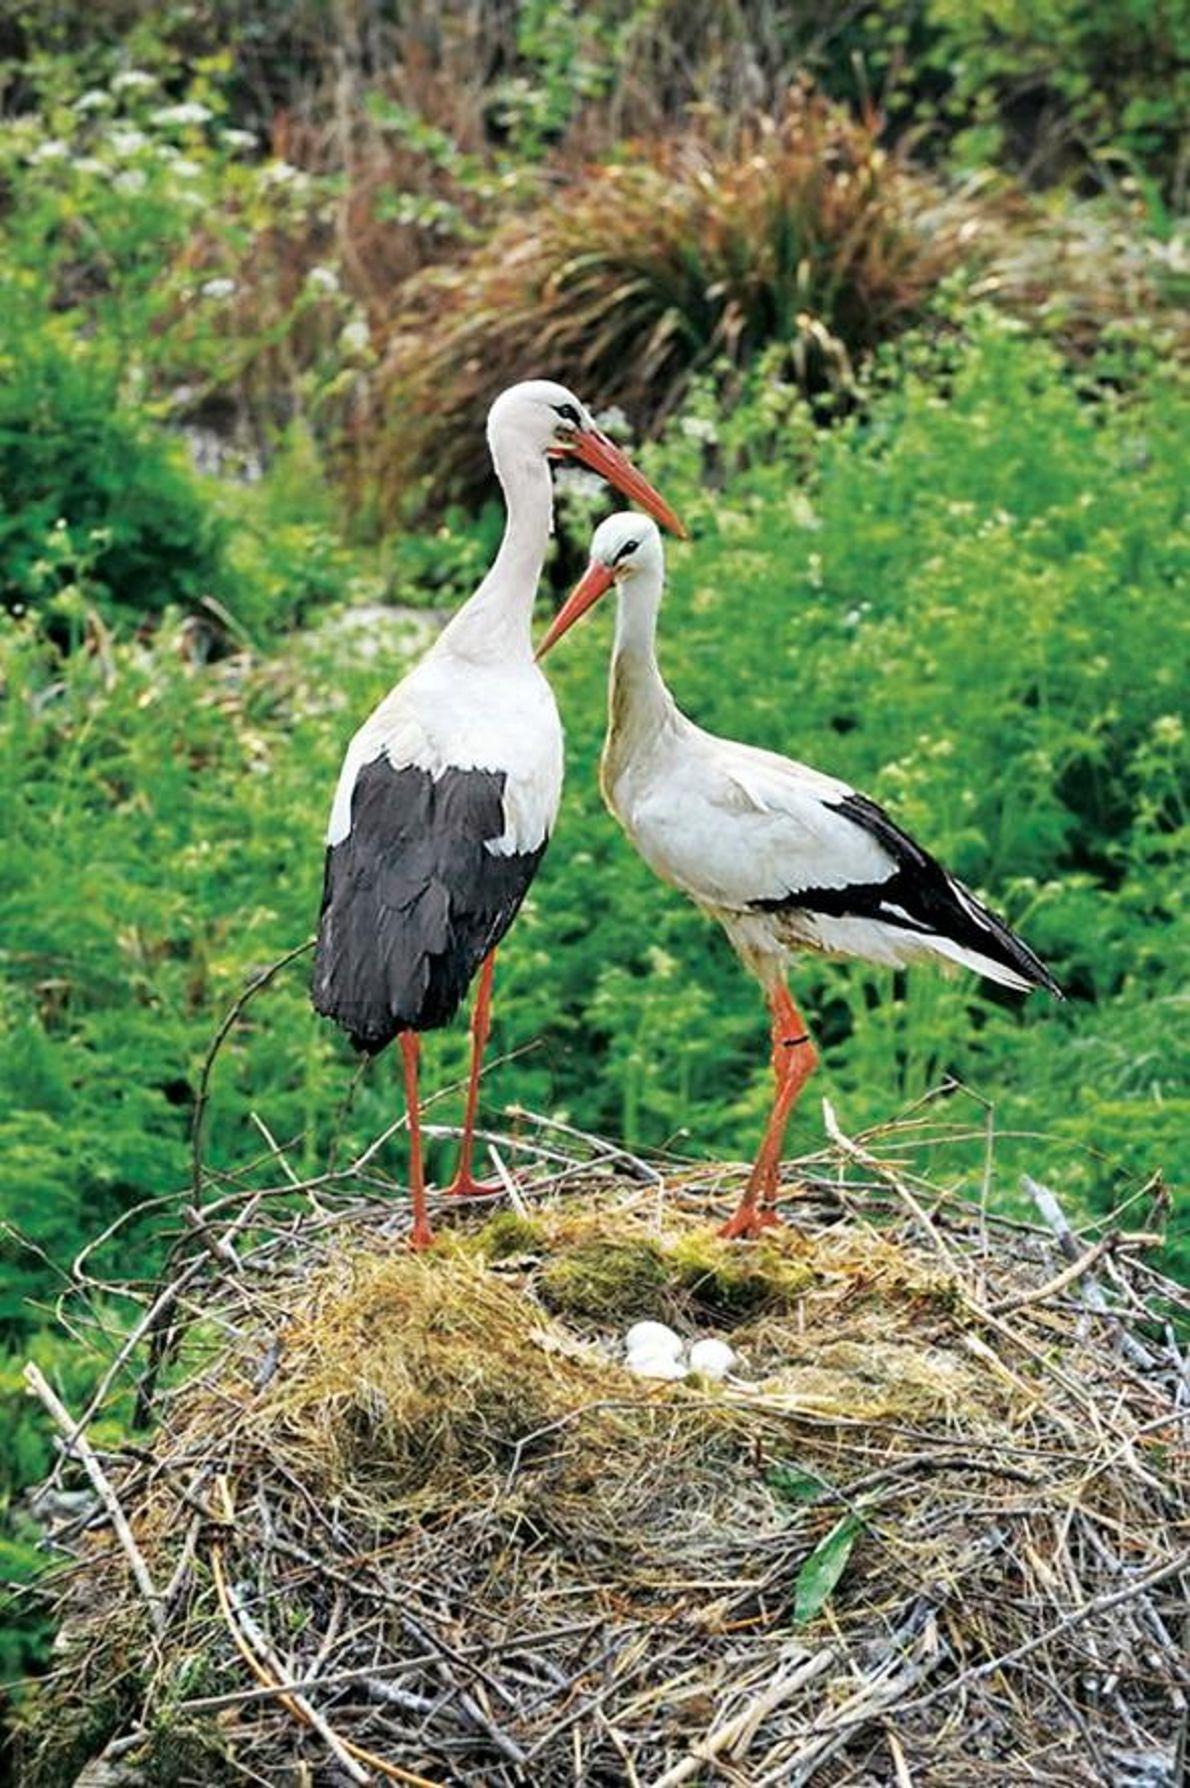 WAHRE LIEBE Wer sagt, dass Fernbeziehungen nicht funktionieren? Ein Storch namens Romeo verbringt jedes Jahr sechs Monate ...